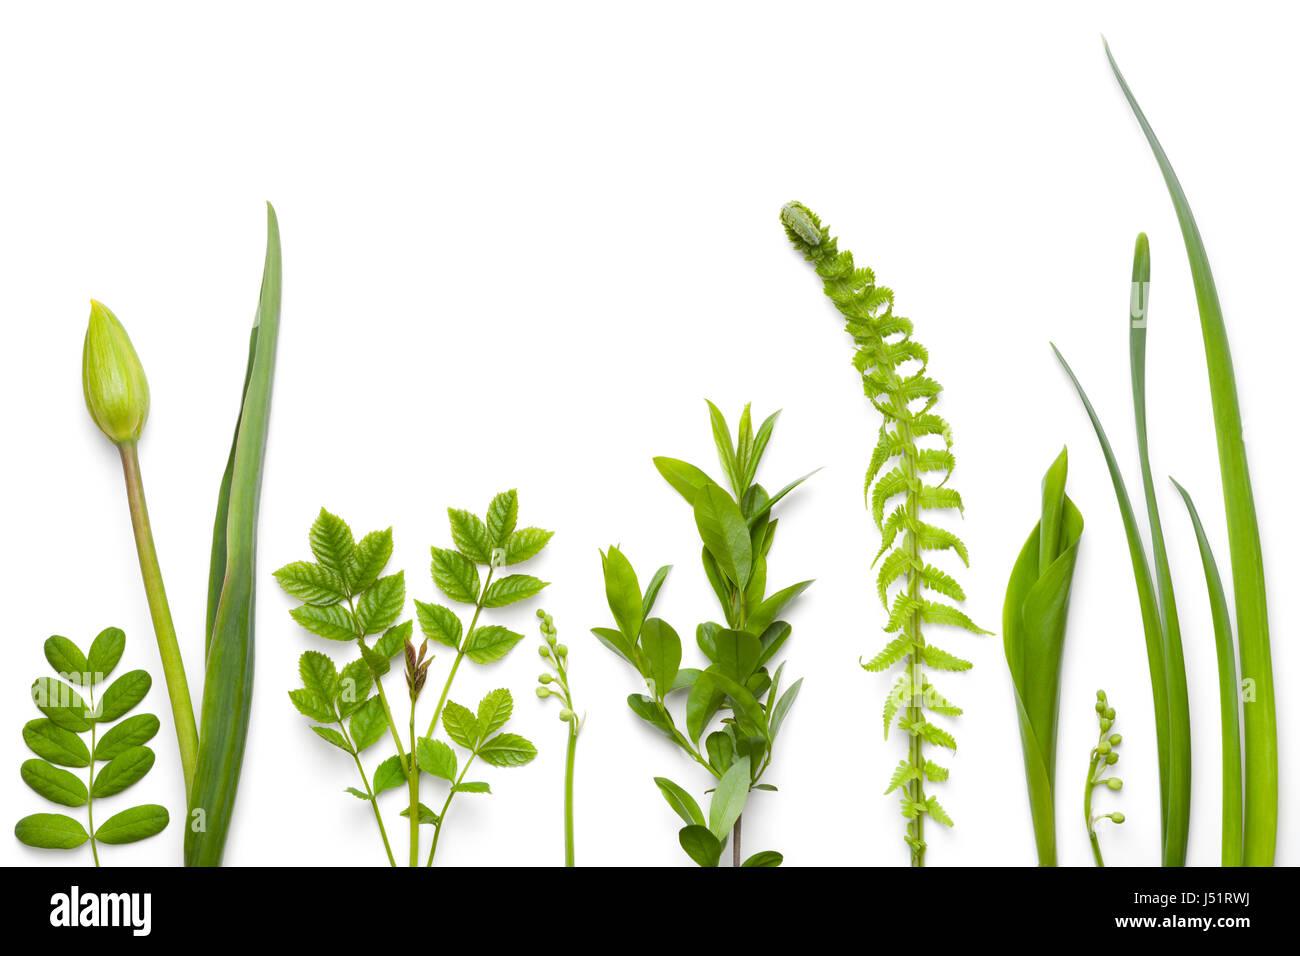 Grüne Pflanzen isoliert auf weißem Hintergrund. Flach zu legen. Ansicht von oben Stockbild